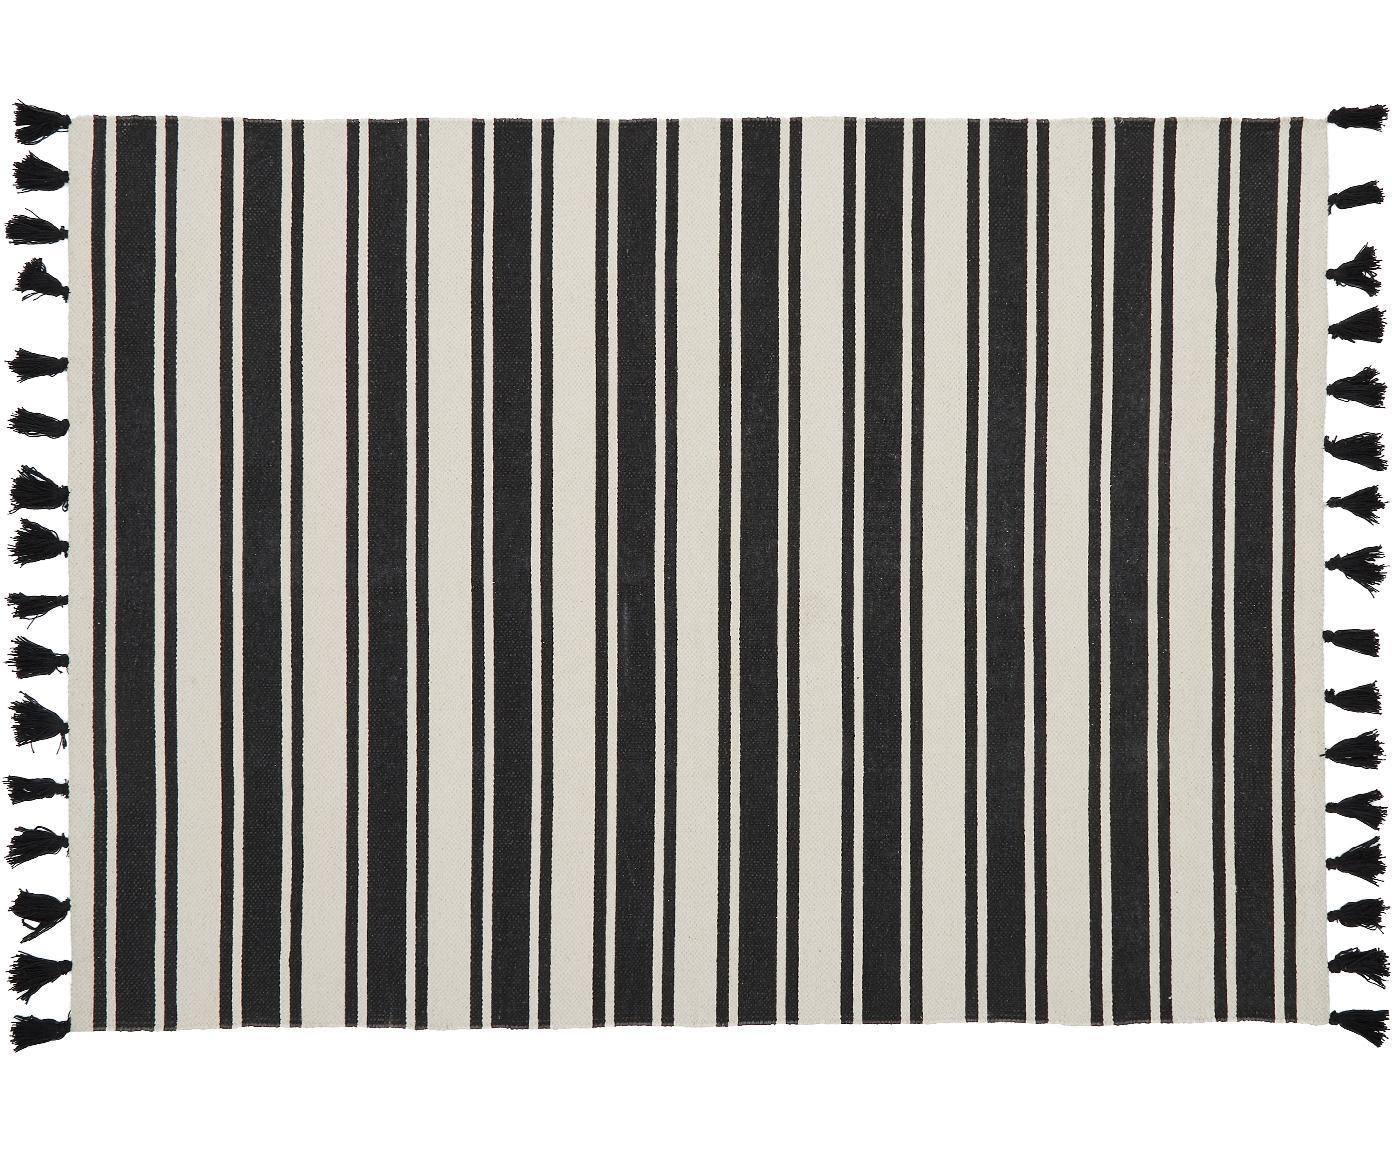 Gestreifter Baumwollteppich Vigga mit Quasten, handgewebt, Schwarz, Beige, B 120 x L 180 cm (Grösse S)